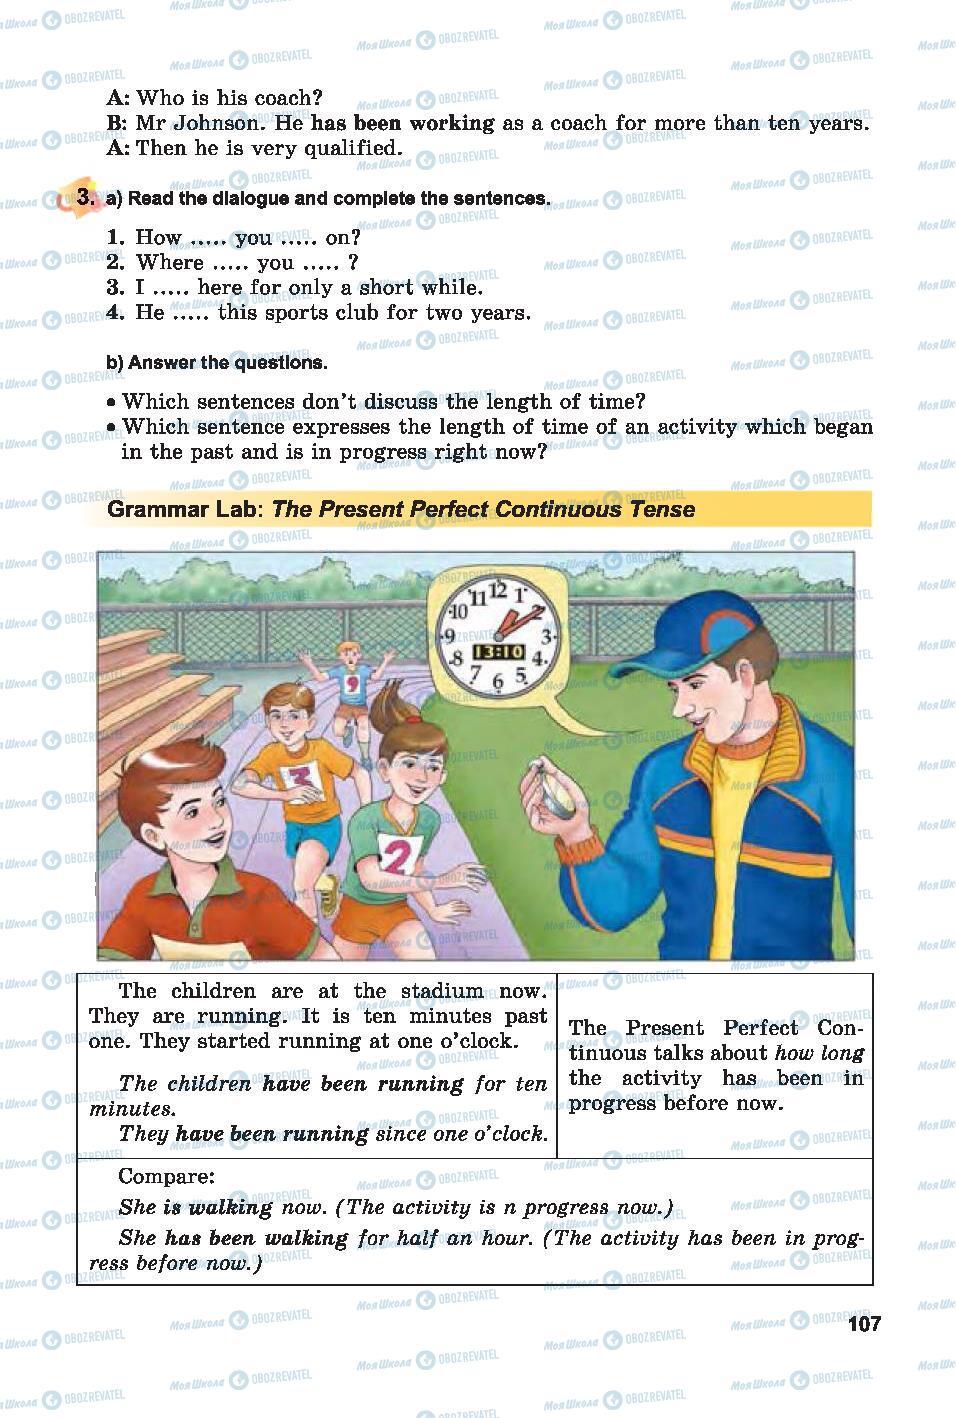 Підручники Англійська мова 7 клас сторінка 107